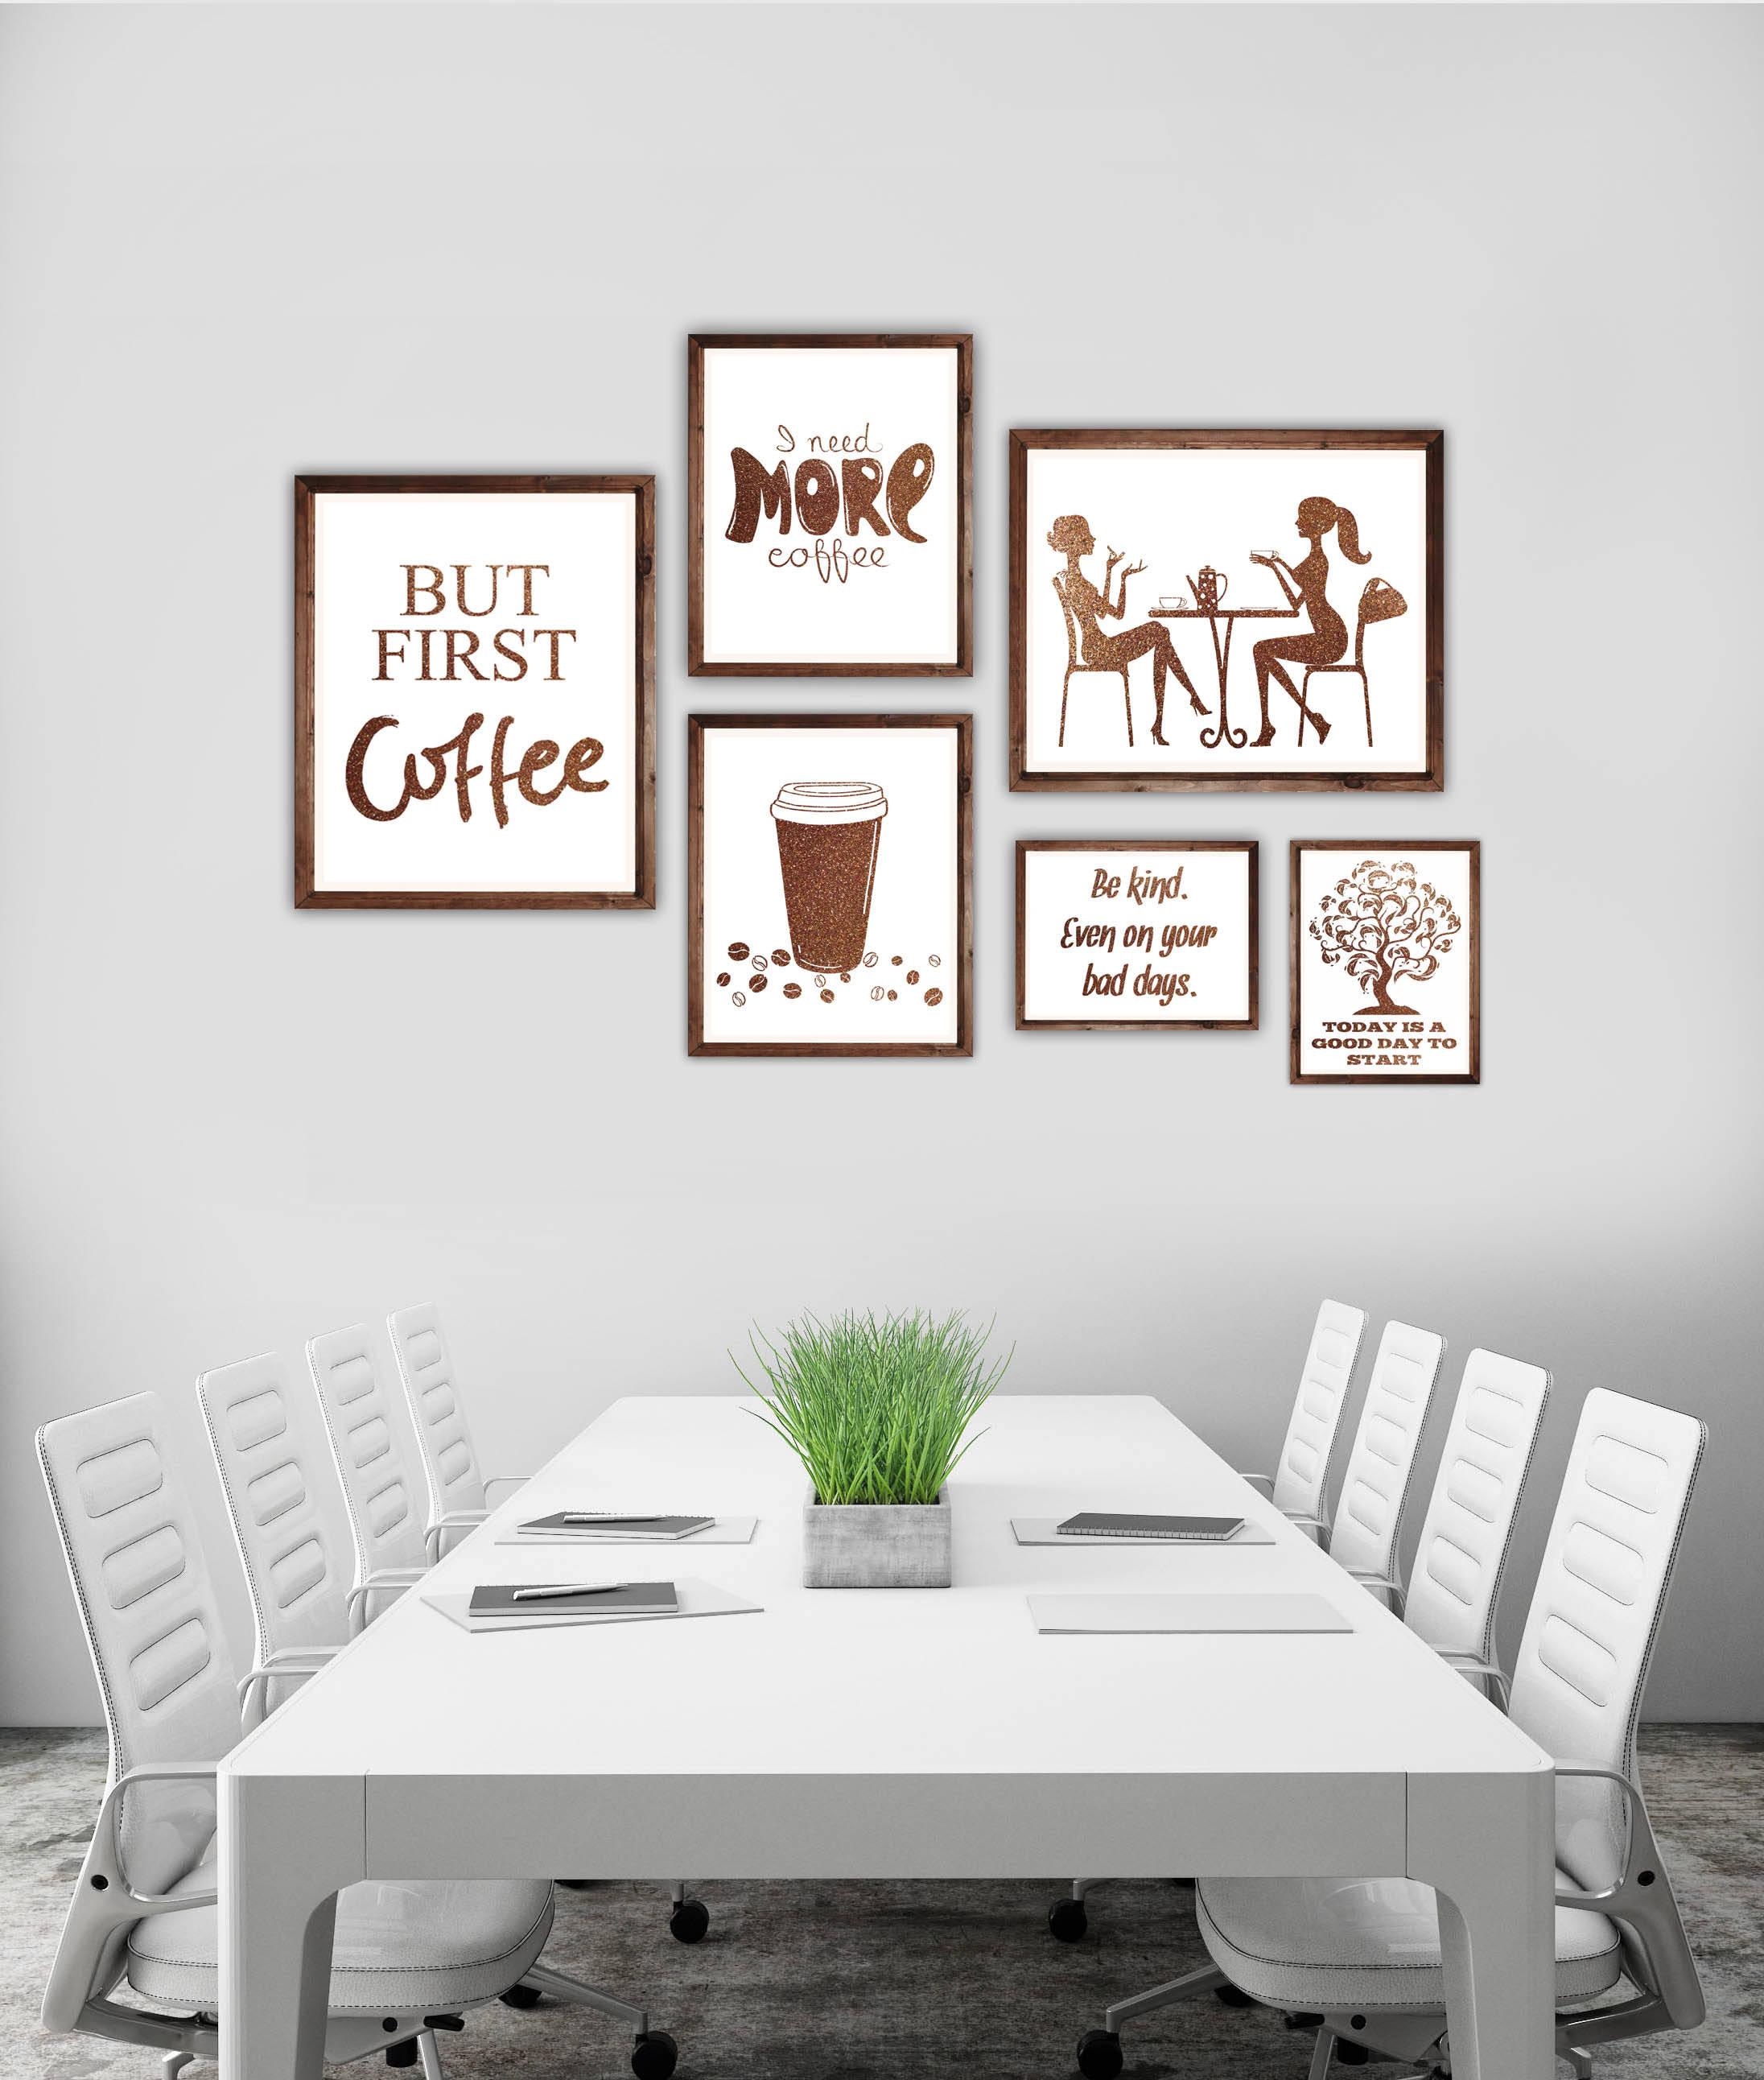 Groß Küche Kaffee Dekor Bilder - Ideen Für Die Küche Dekoration ...